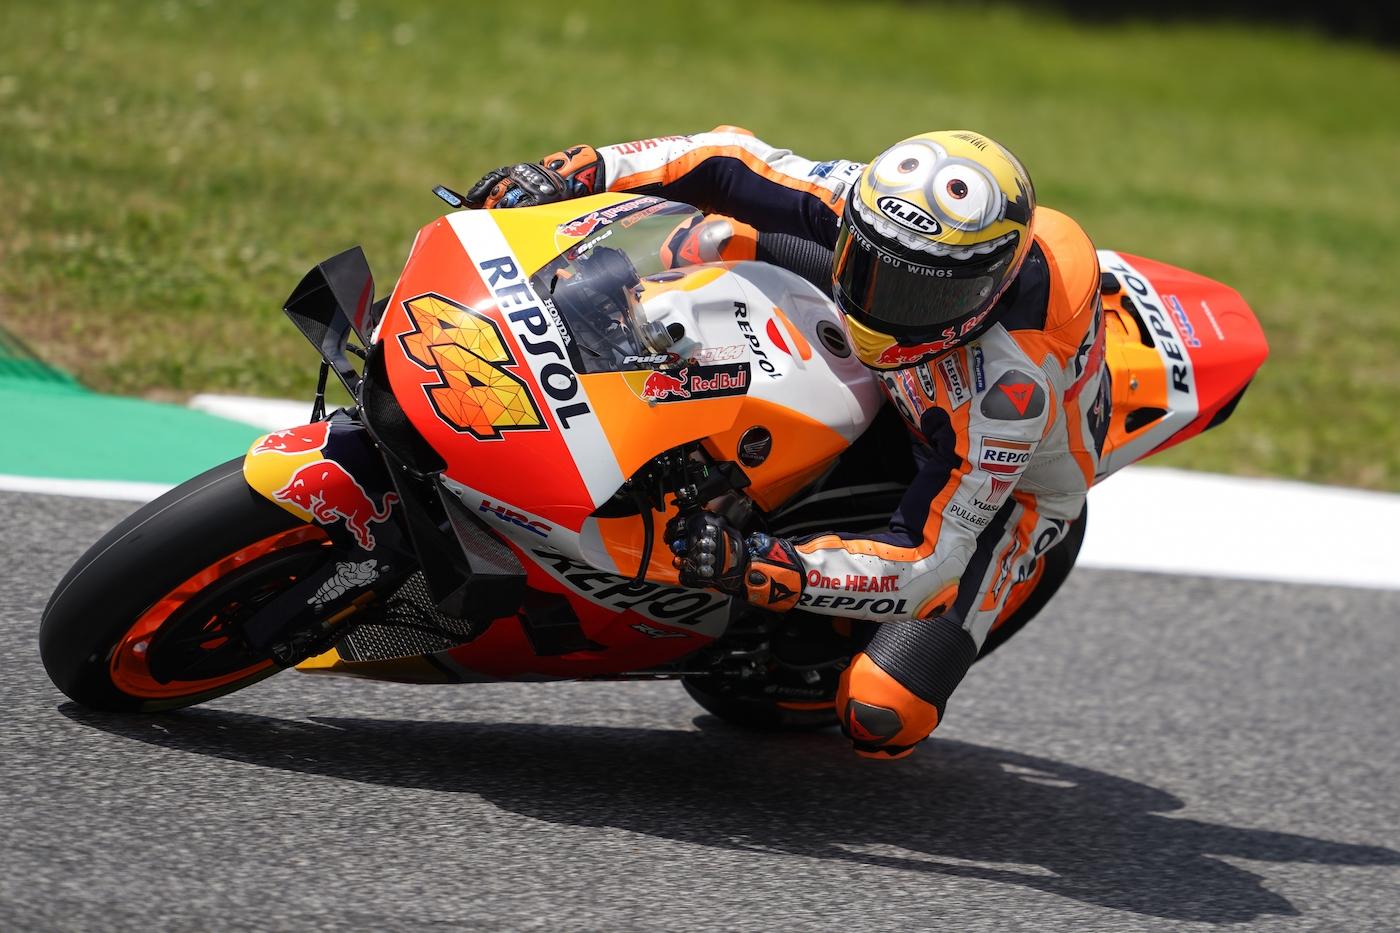 MotoGP2021イタリアGP 予選12位ポル・エスパルガロ「決勝タイヤを決めることが出来ない」